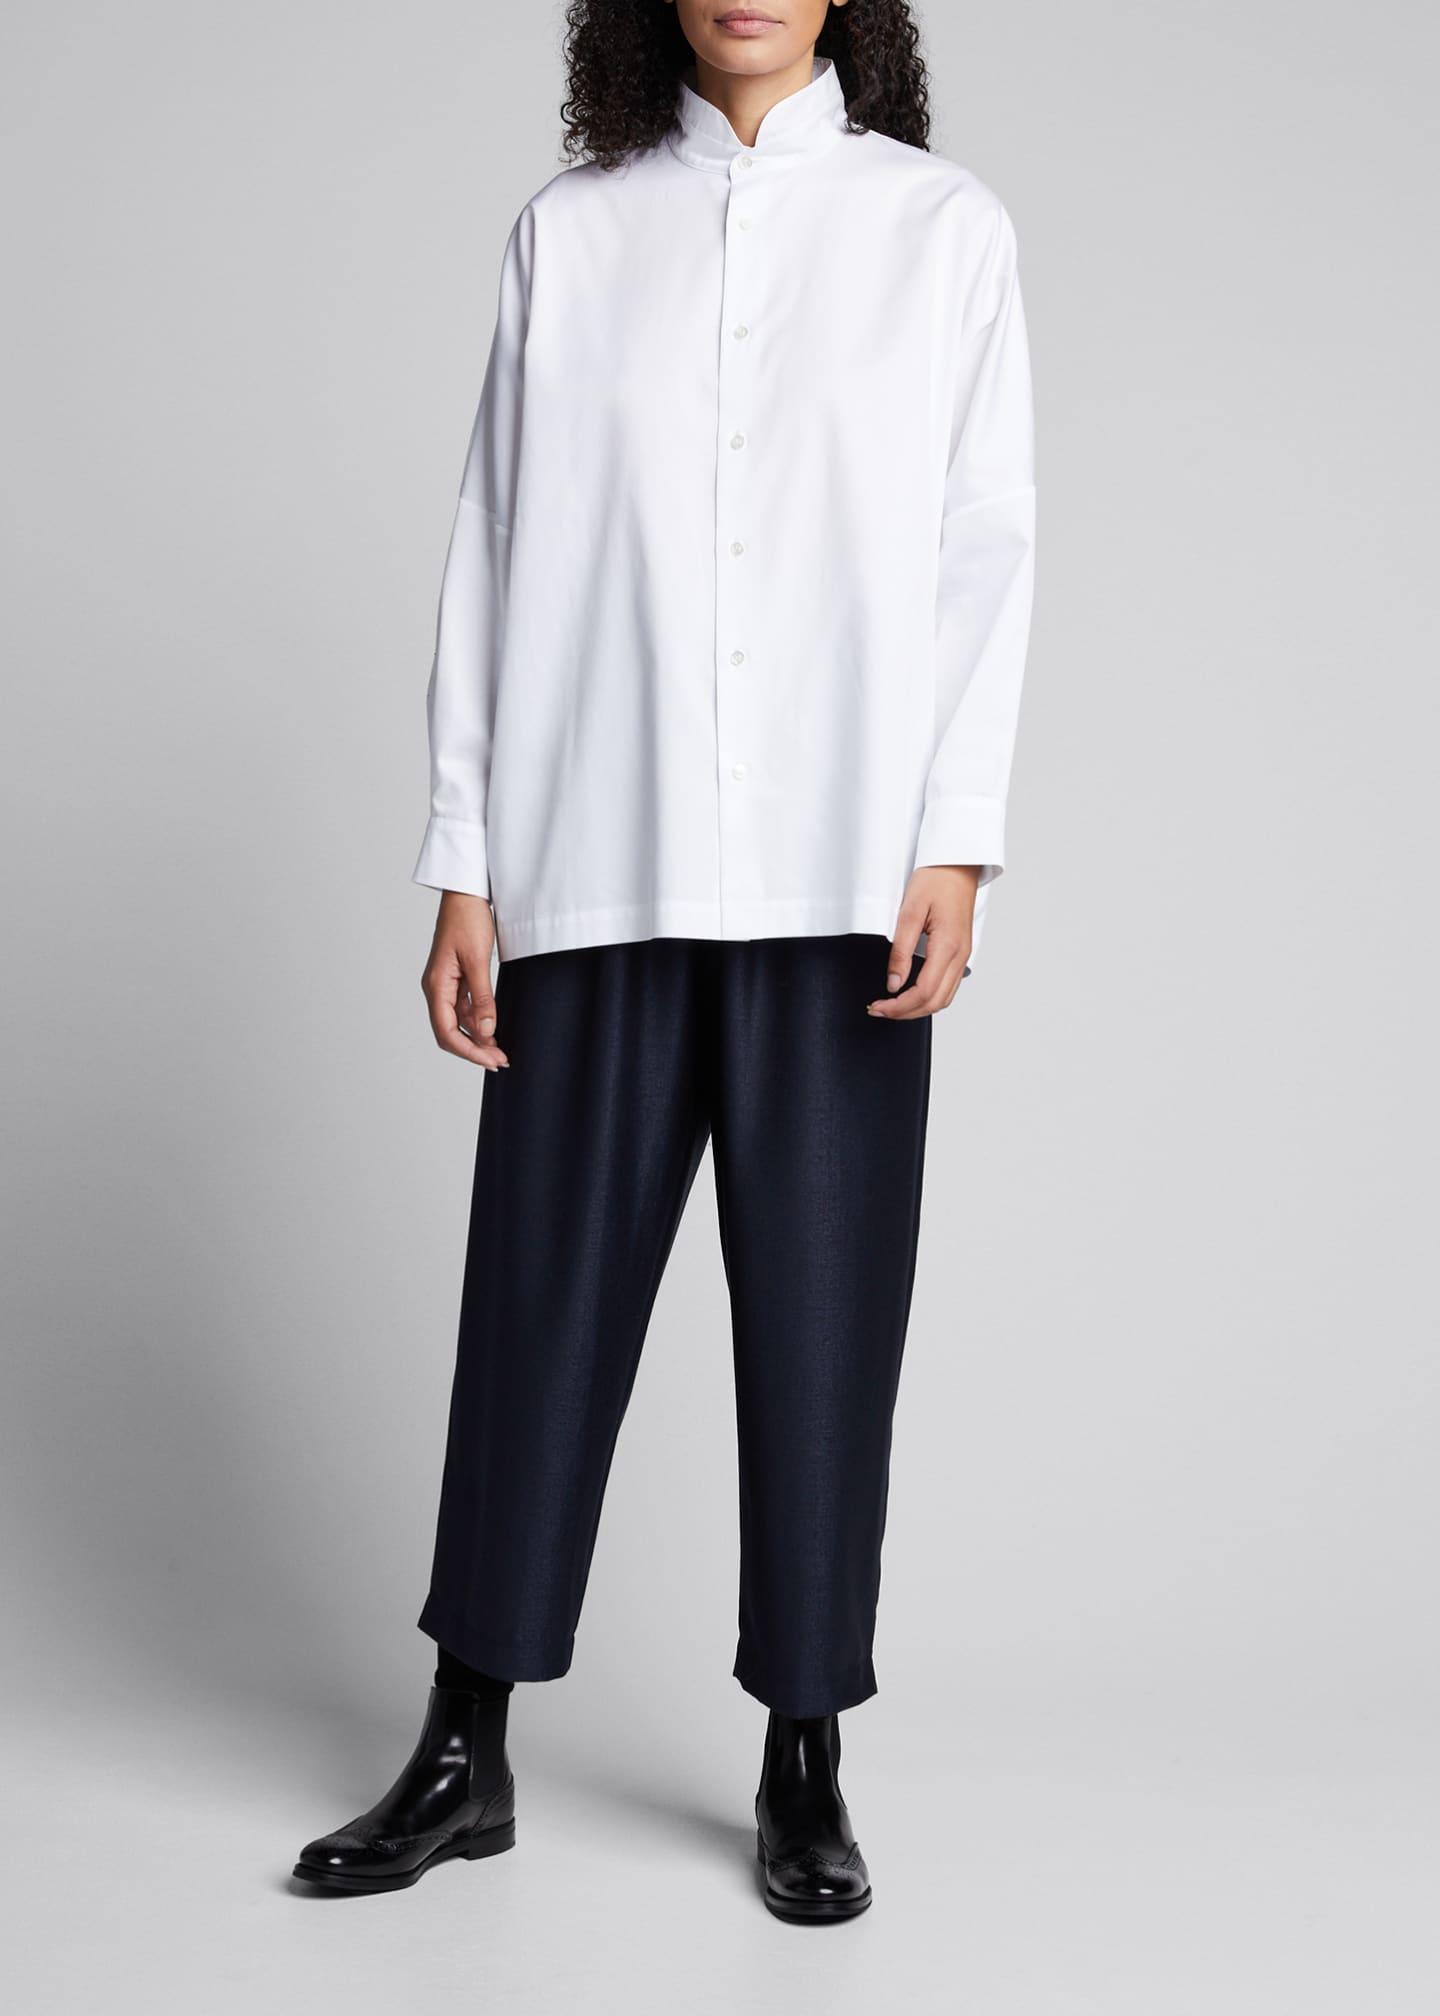 Eskandar Sloped-Shoulder Stand-Collar Shirt